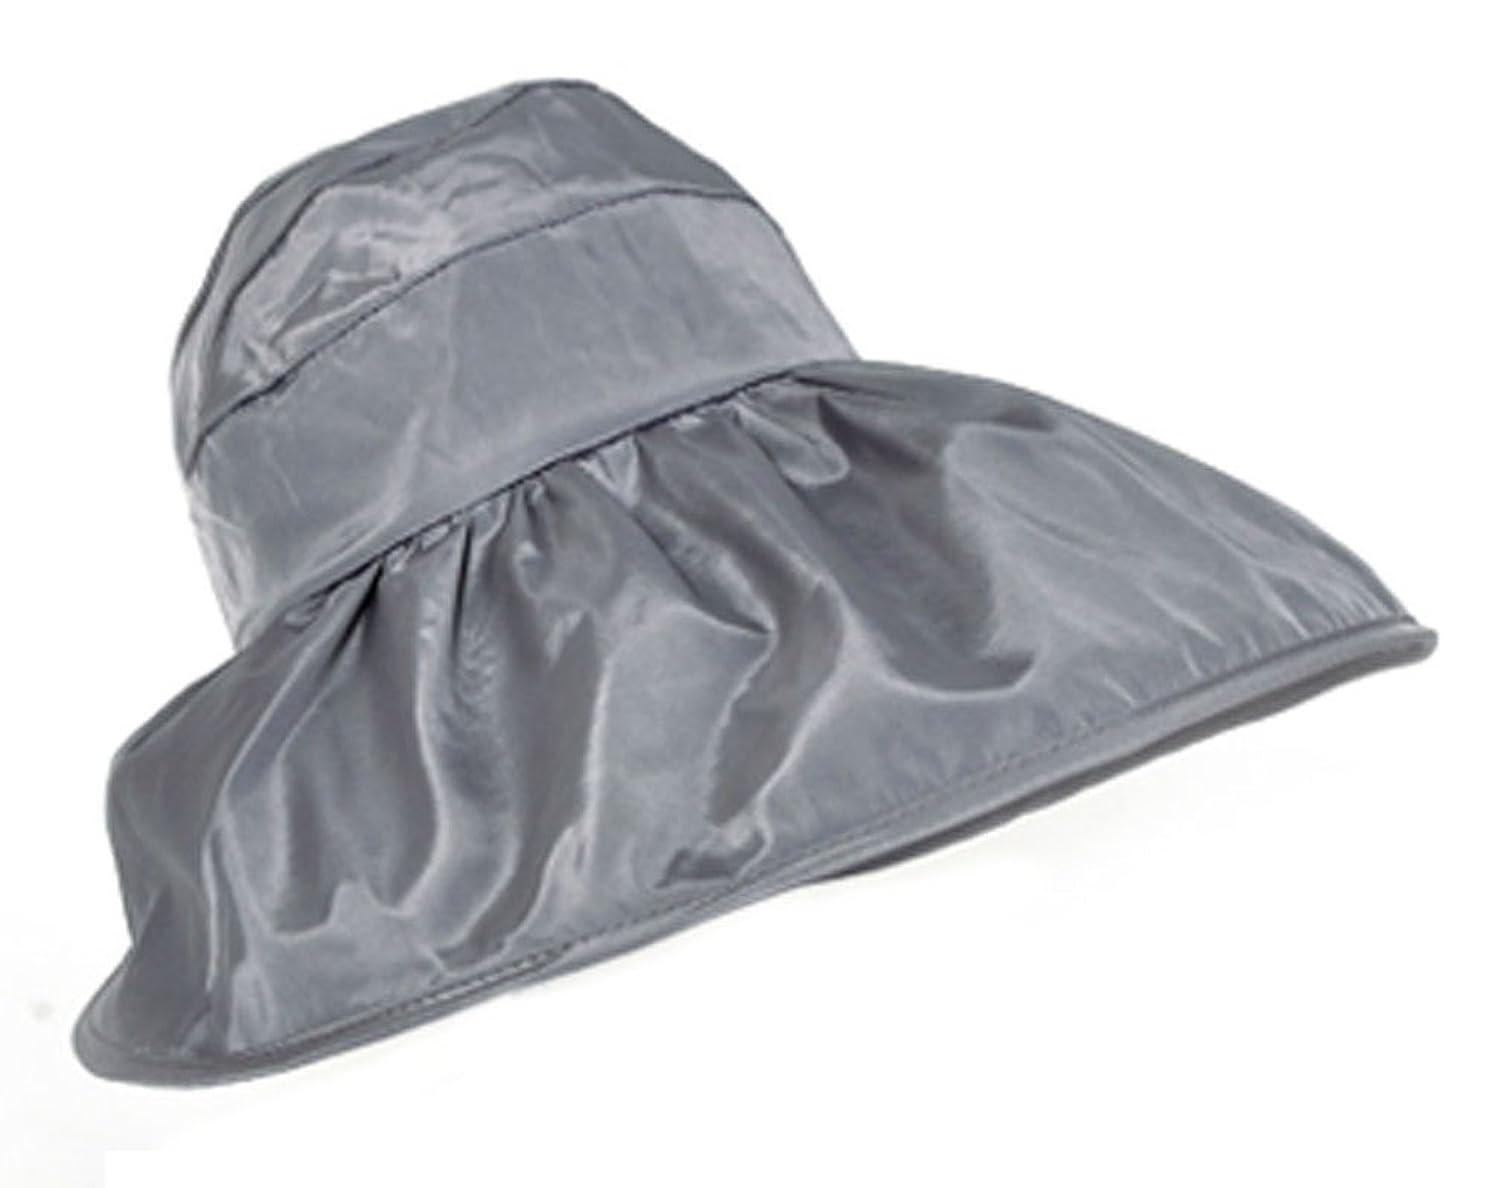 高めるアラブ人毎日FakeFace 夏 レディース 帽子 UVカット サンバイザー 紫外線対策 日よけ帽子 つば広 オシャレ ケープ ハット 日よけ 折りたたみ 防水 カジュアル 海 農作業 ぼうし サイズ調節可